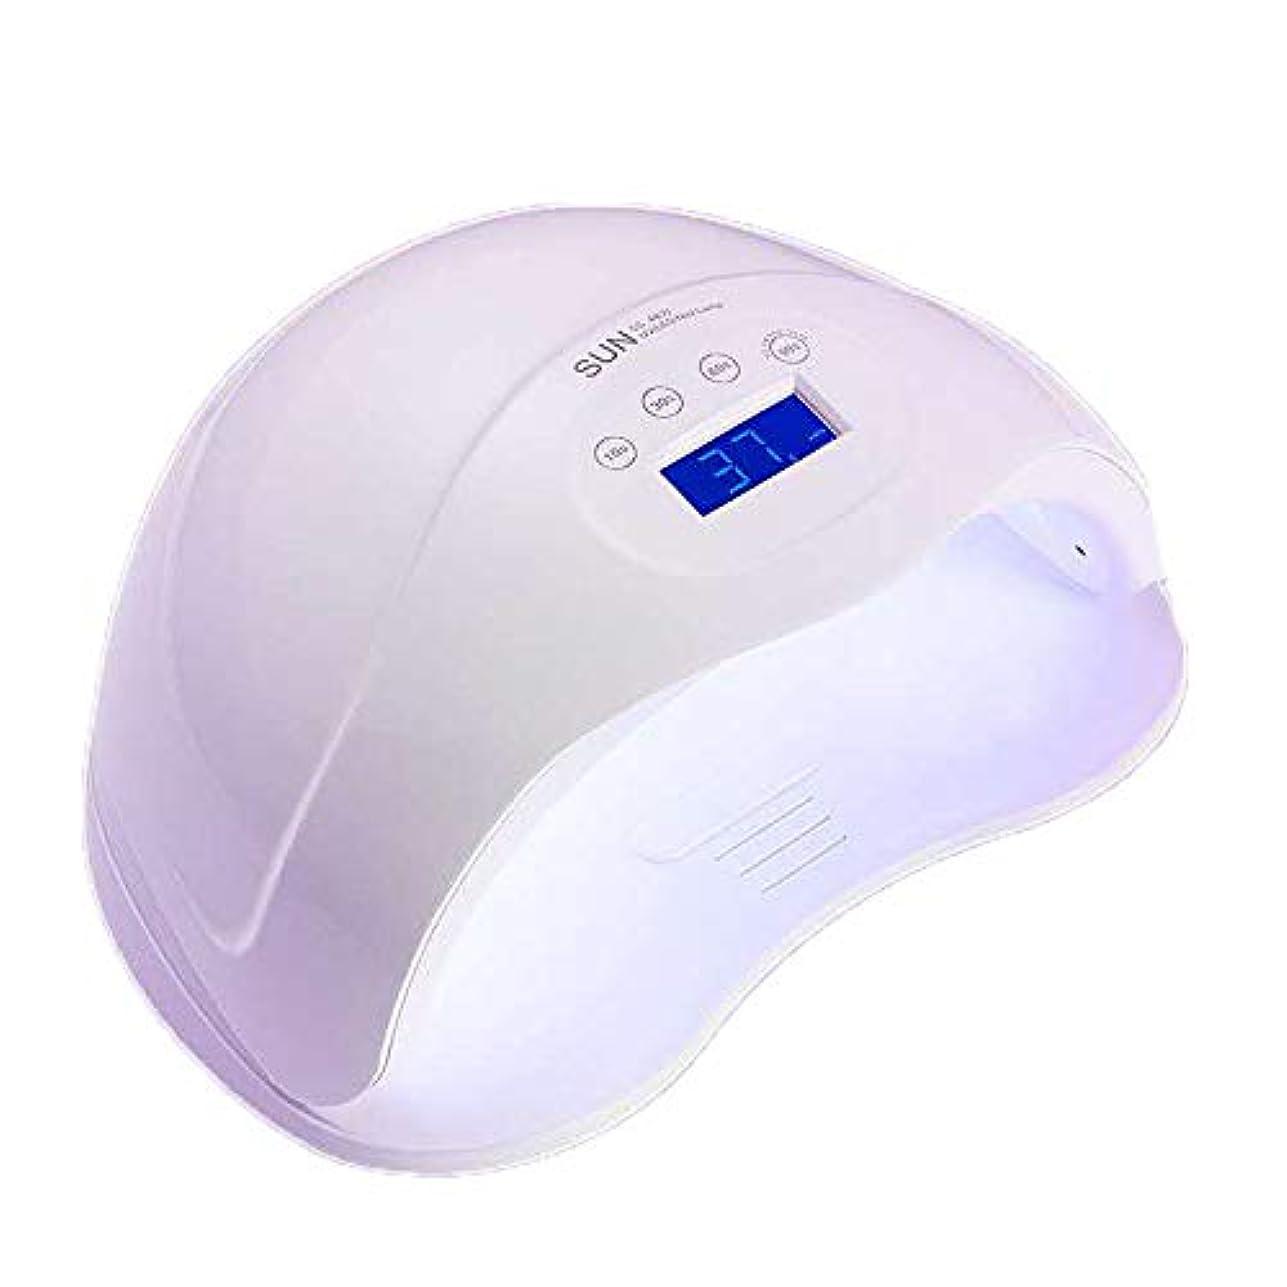 不健全マウントバンクサイクロプスネイルライト48W、UV/LEDネイルドライヤー痛みのない硬化光自動誘導LEDディスプレイ3タイマーセットネイルとトーネイルジェルポリッシュ